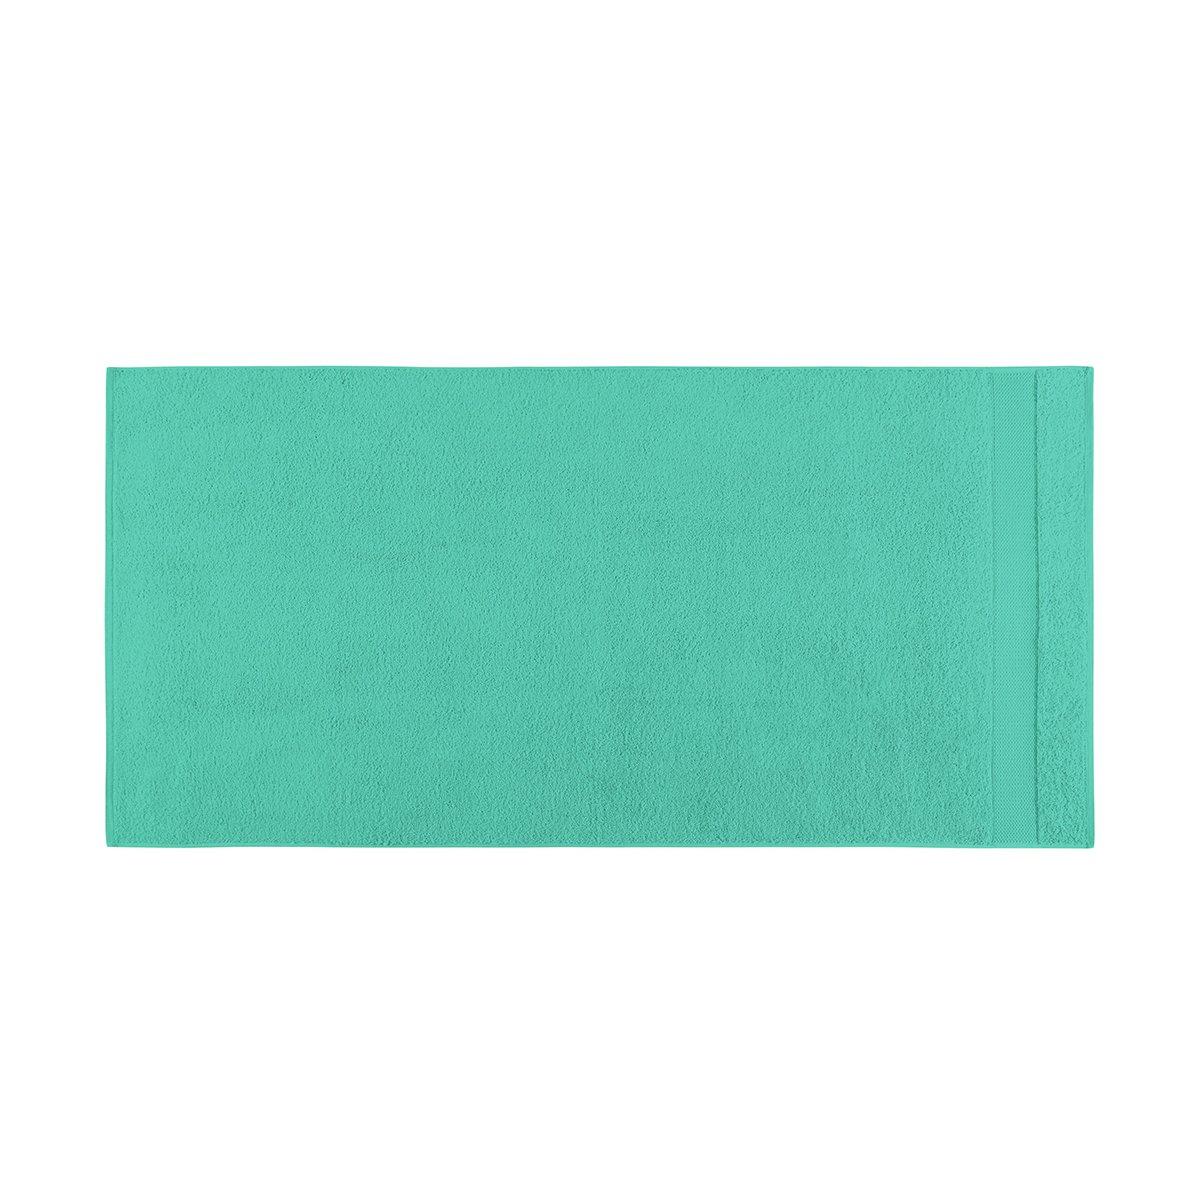 Drap de douche coton 70x140 cm ipomée